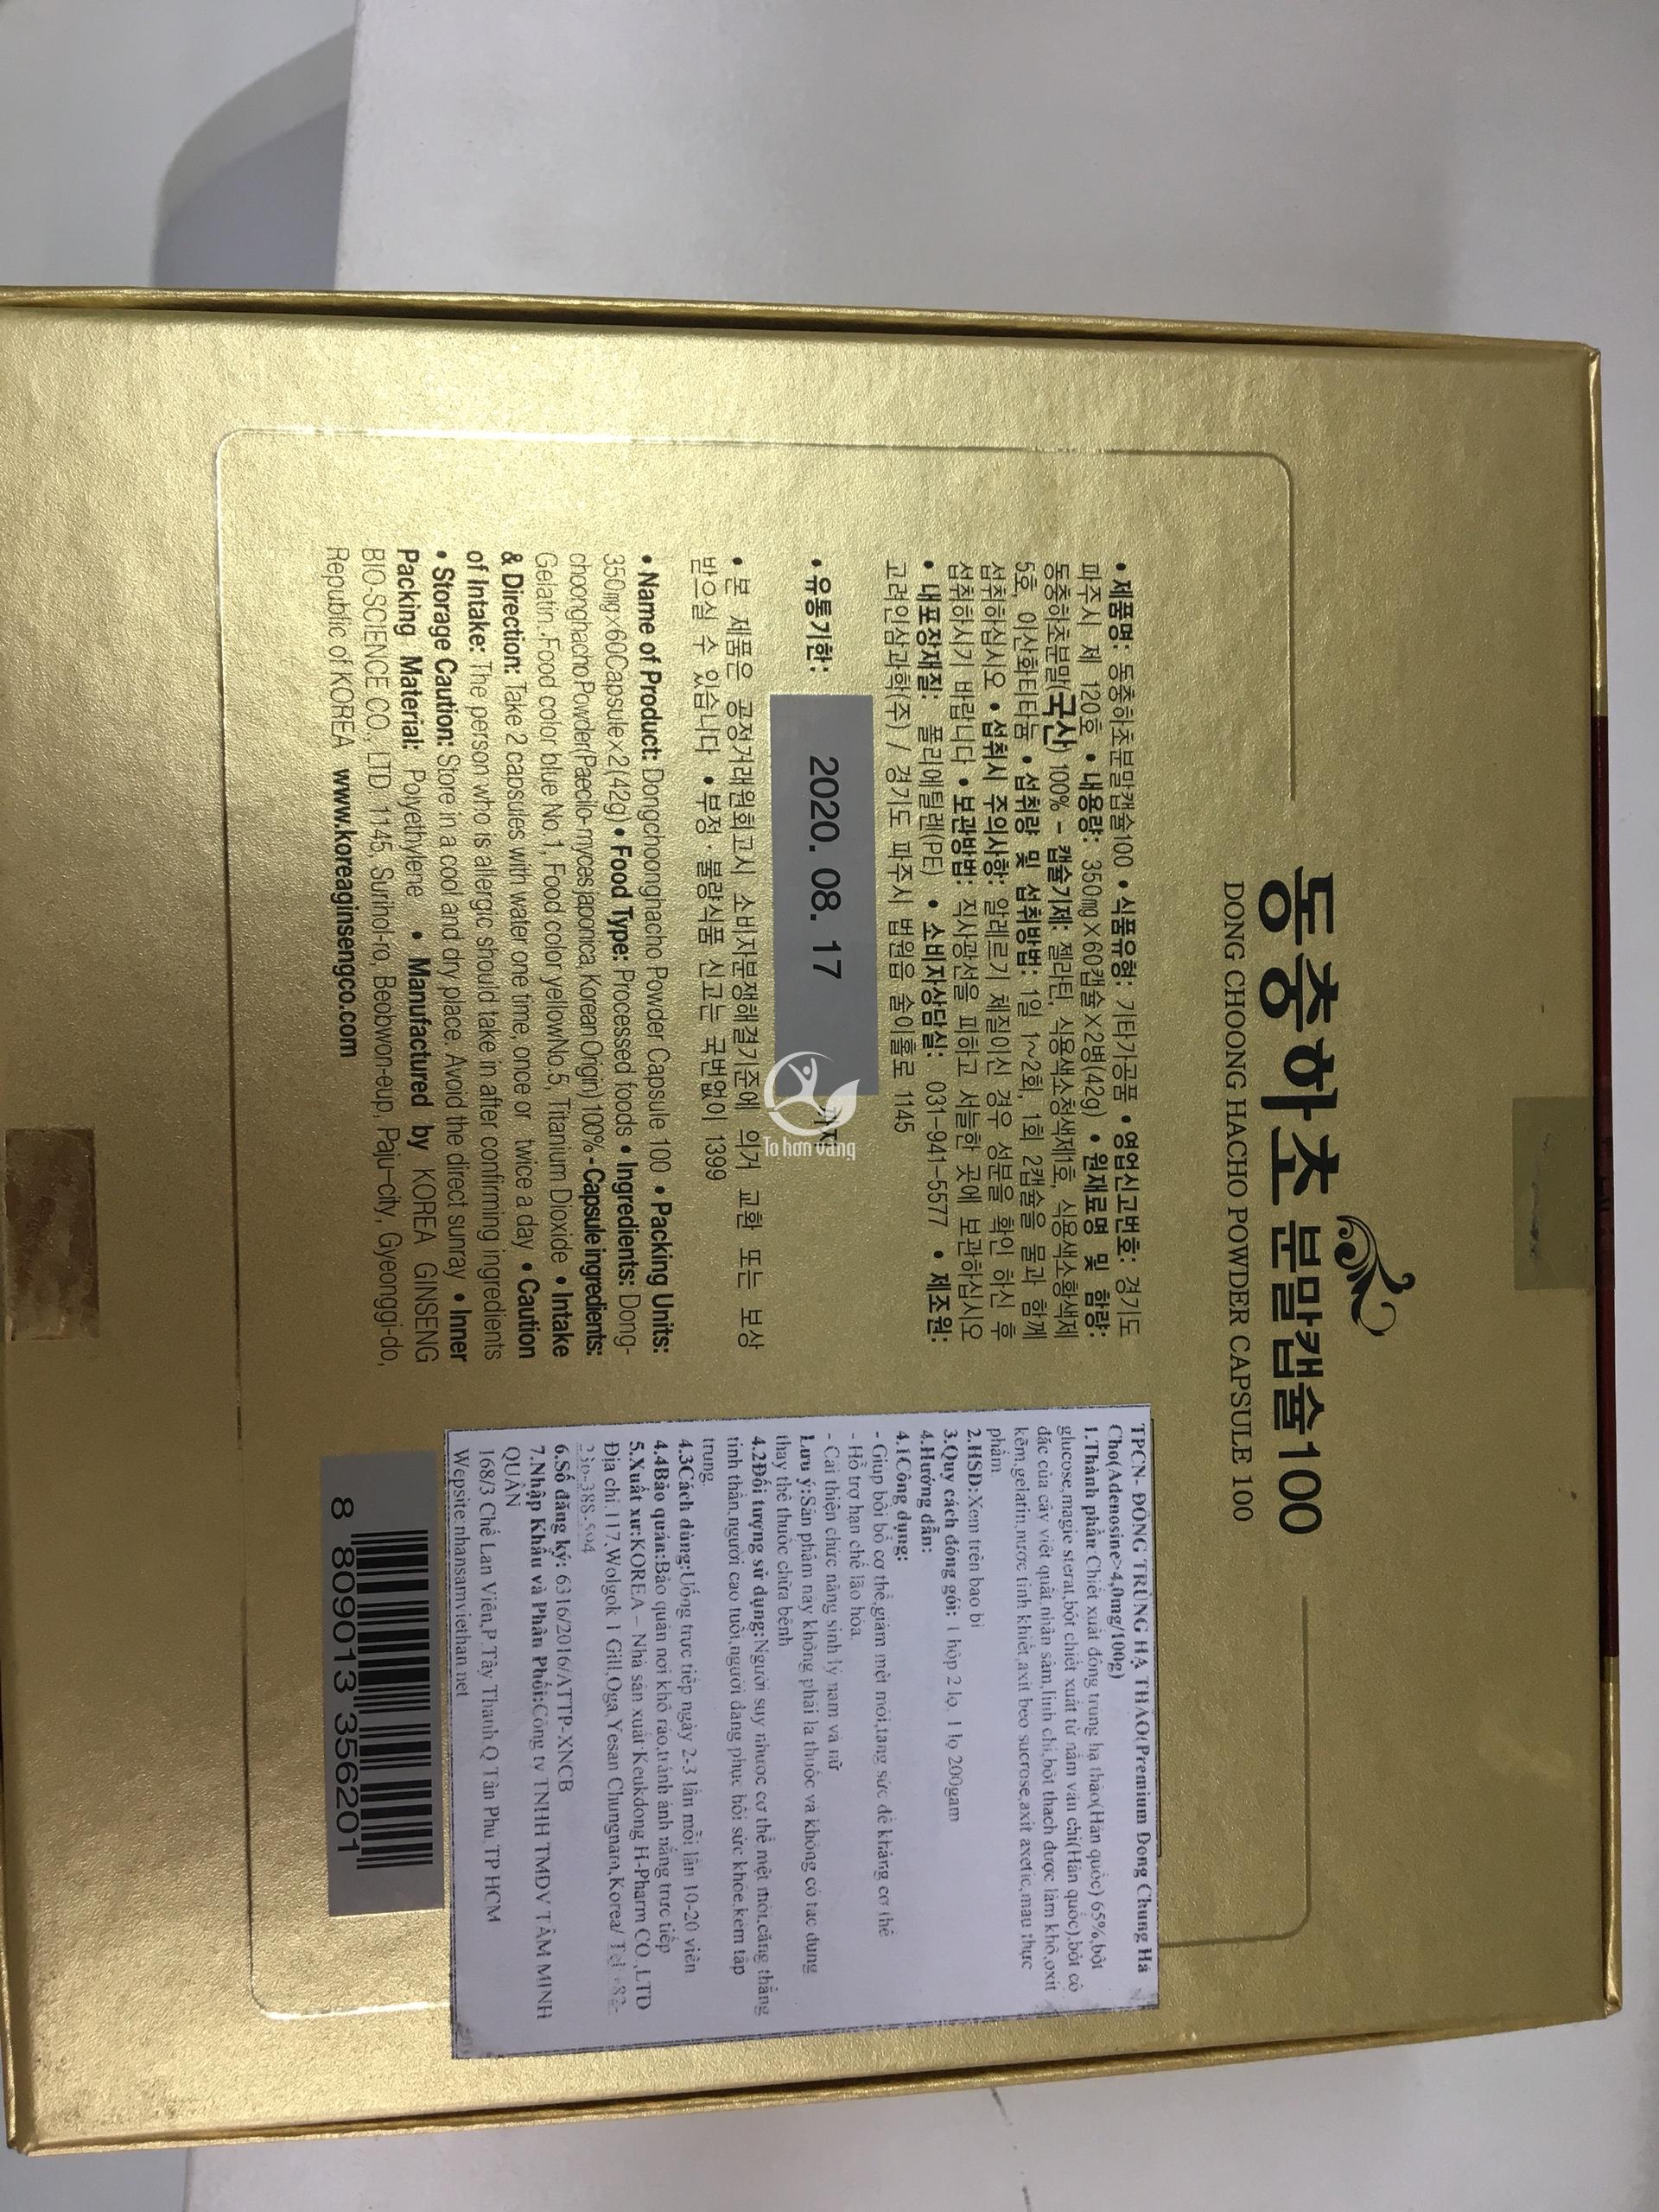 Mặt sau của sản phẩm chứa thông tin chi tiết về thành phần, hạn sử dụng và có cả tem phụ bằng tiếng Việt